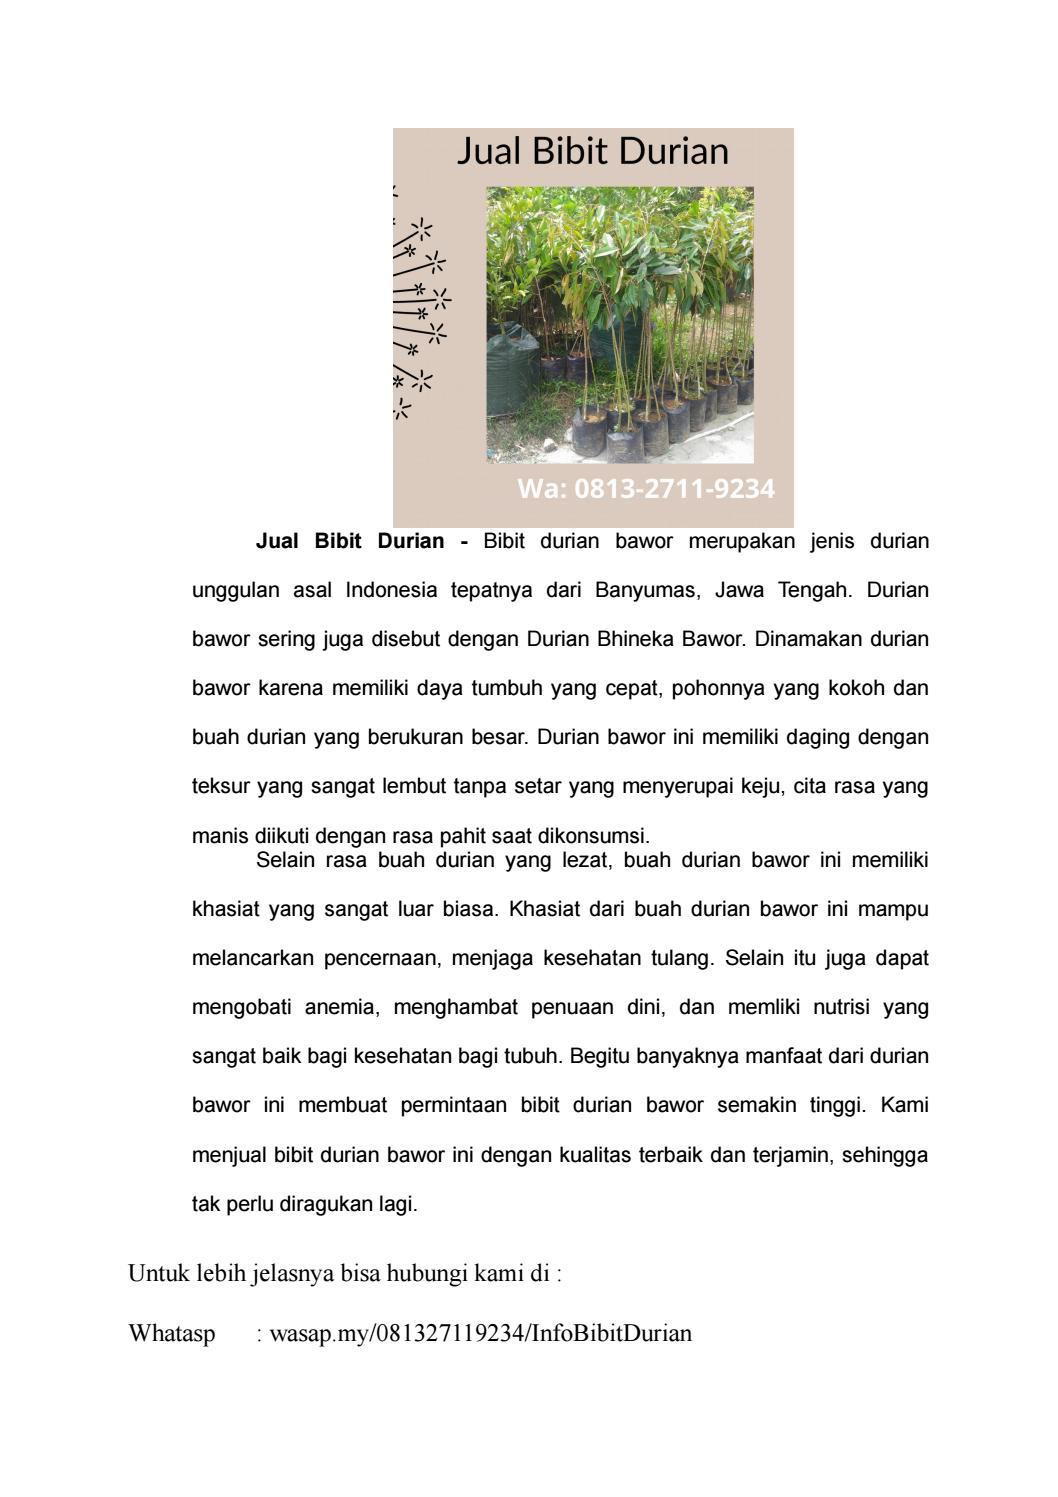 Bawok Jawa : bawok, Terlaris, Bibit, Durian, Impian, Pangkal, Pinang,, Bangka, Belitung, Jualbibitdurianjawatengah, Issuu